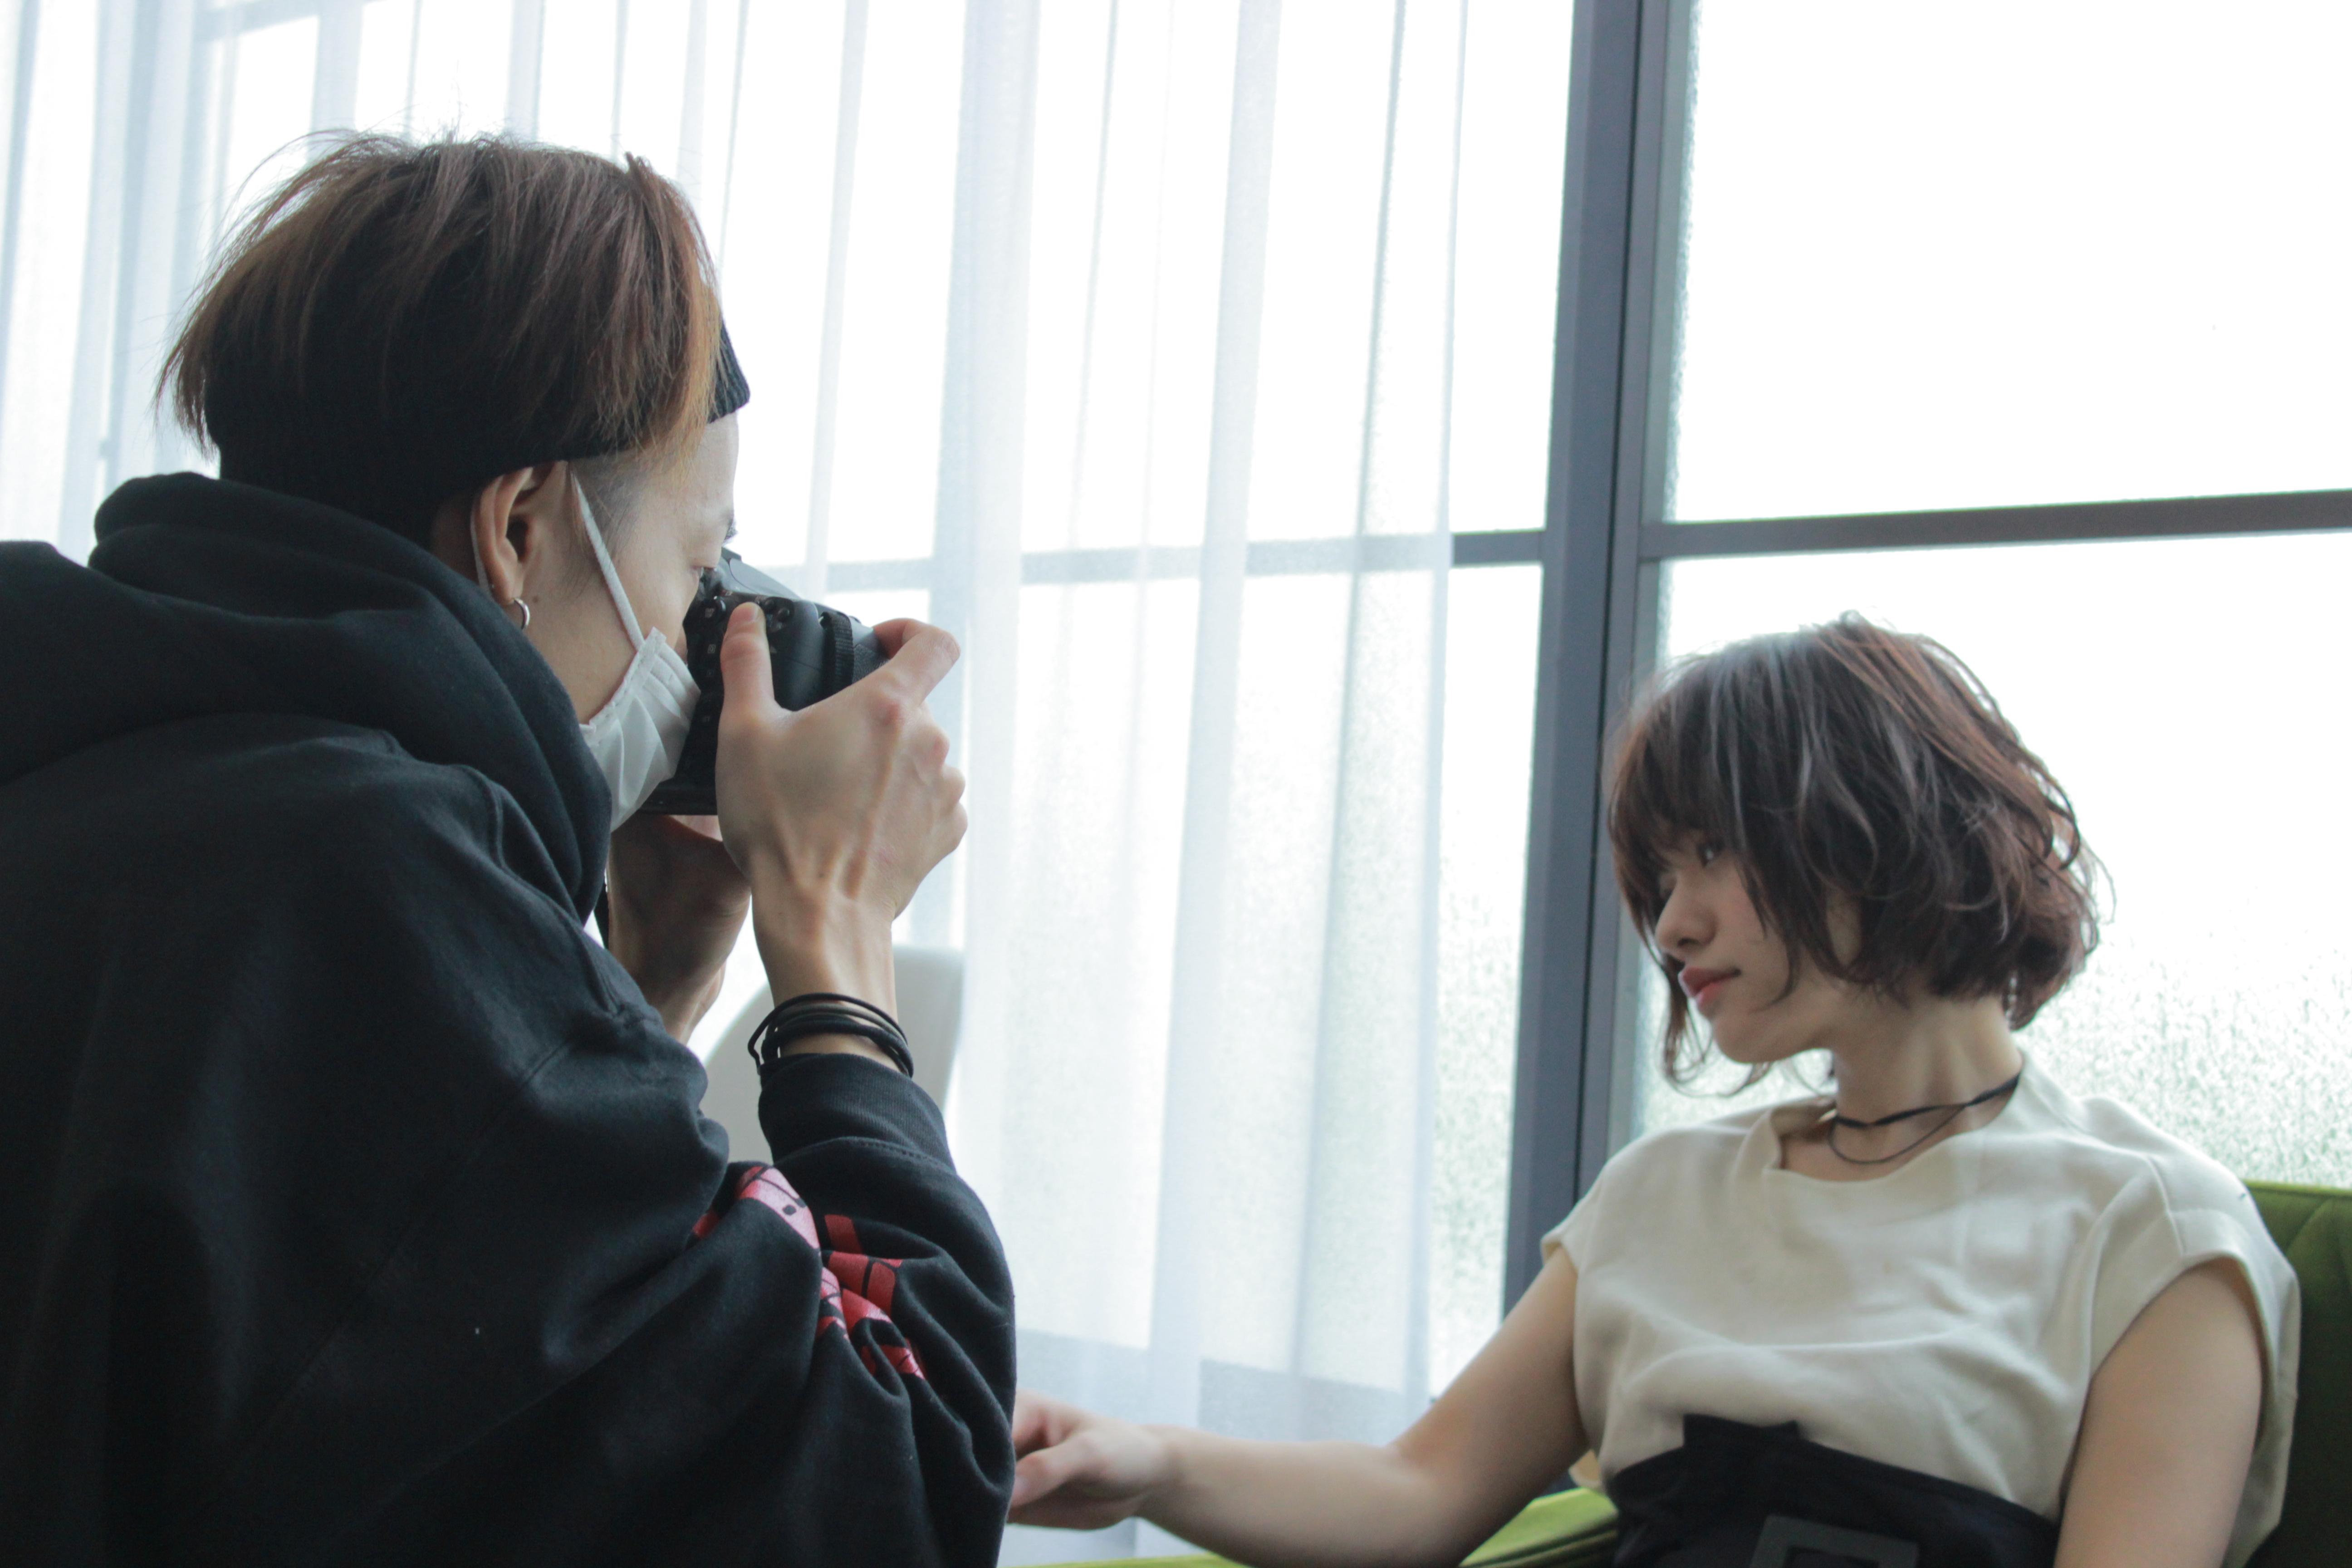 美容師のヘアスタイル撮影